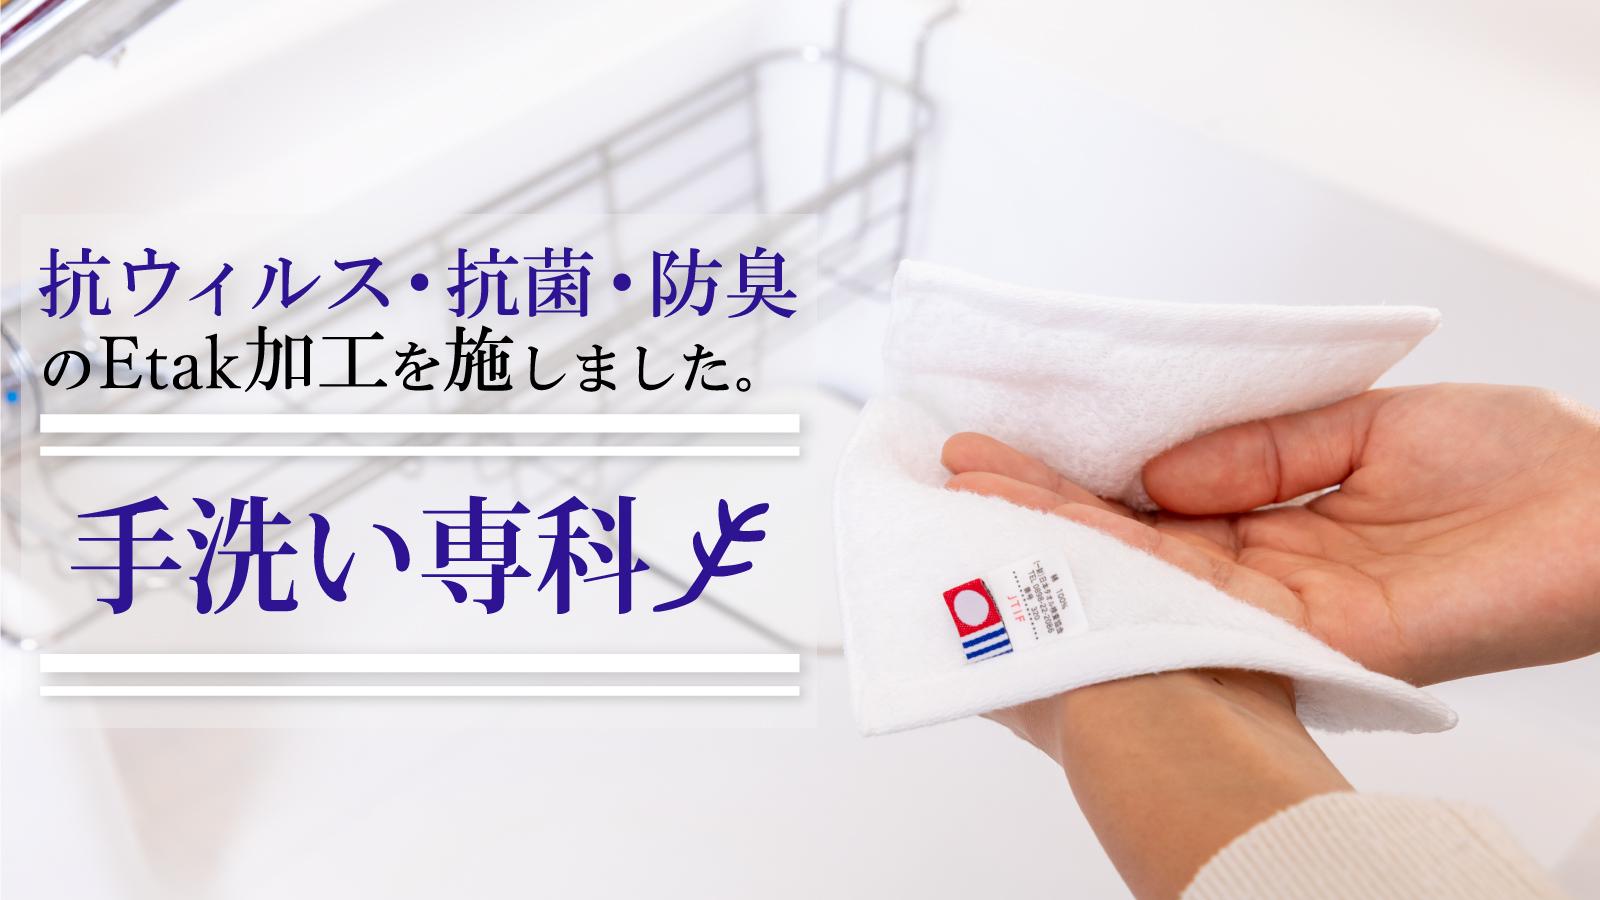 手洗いをもっとECOで清潔に!老舗タオルメーカーの新提案手拭き専用タオル「手洗い専科」が10月20日「Makuake」にてクラウドファンディング開始